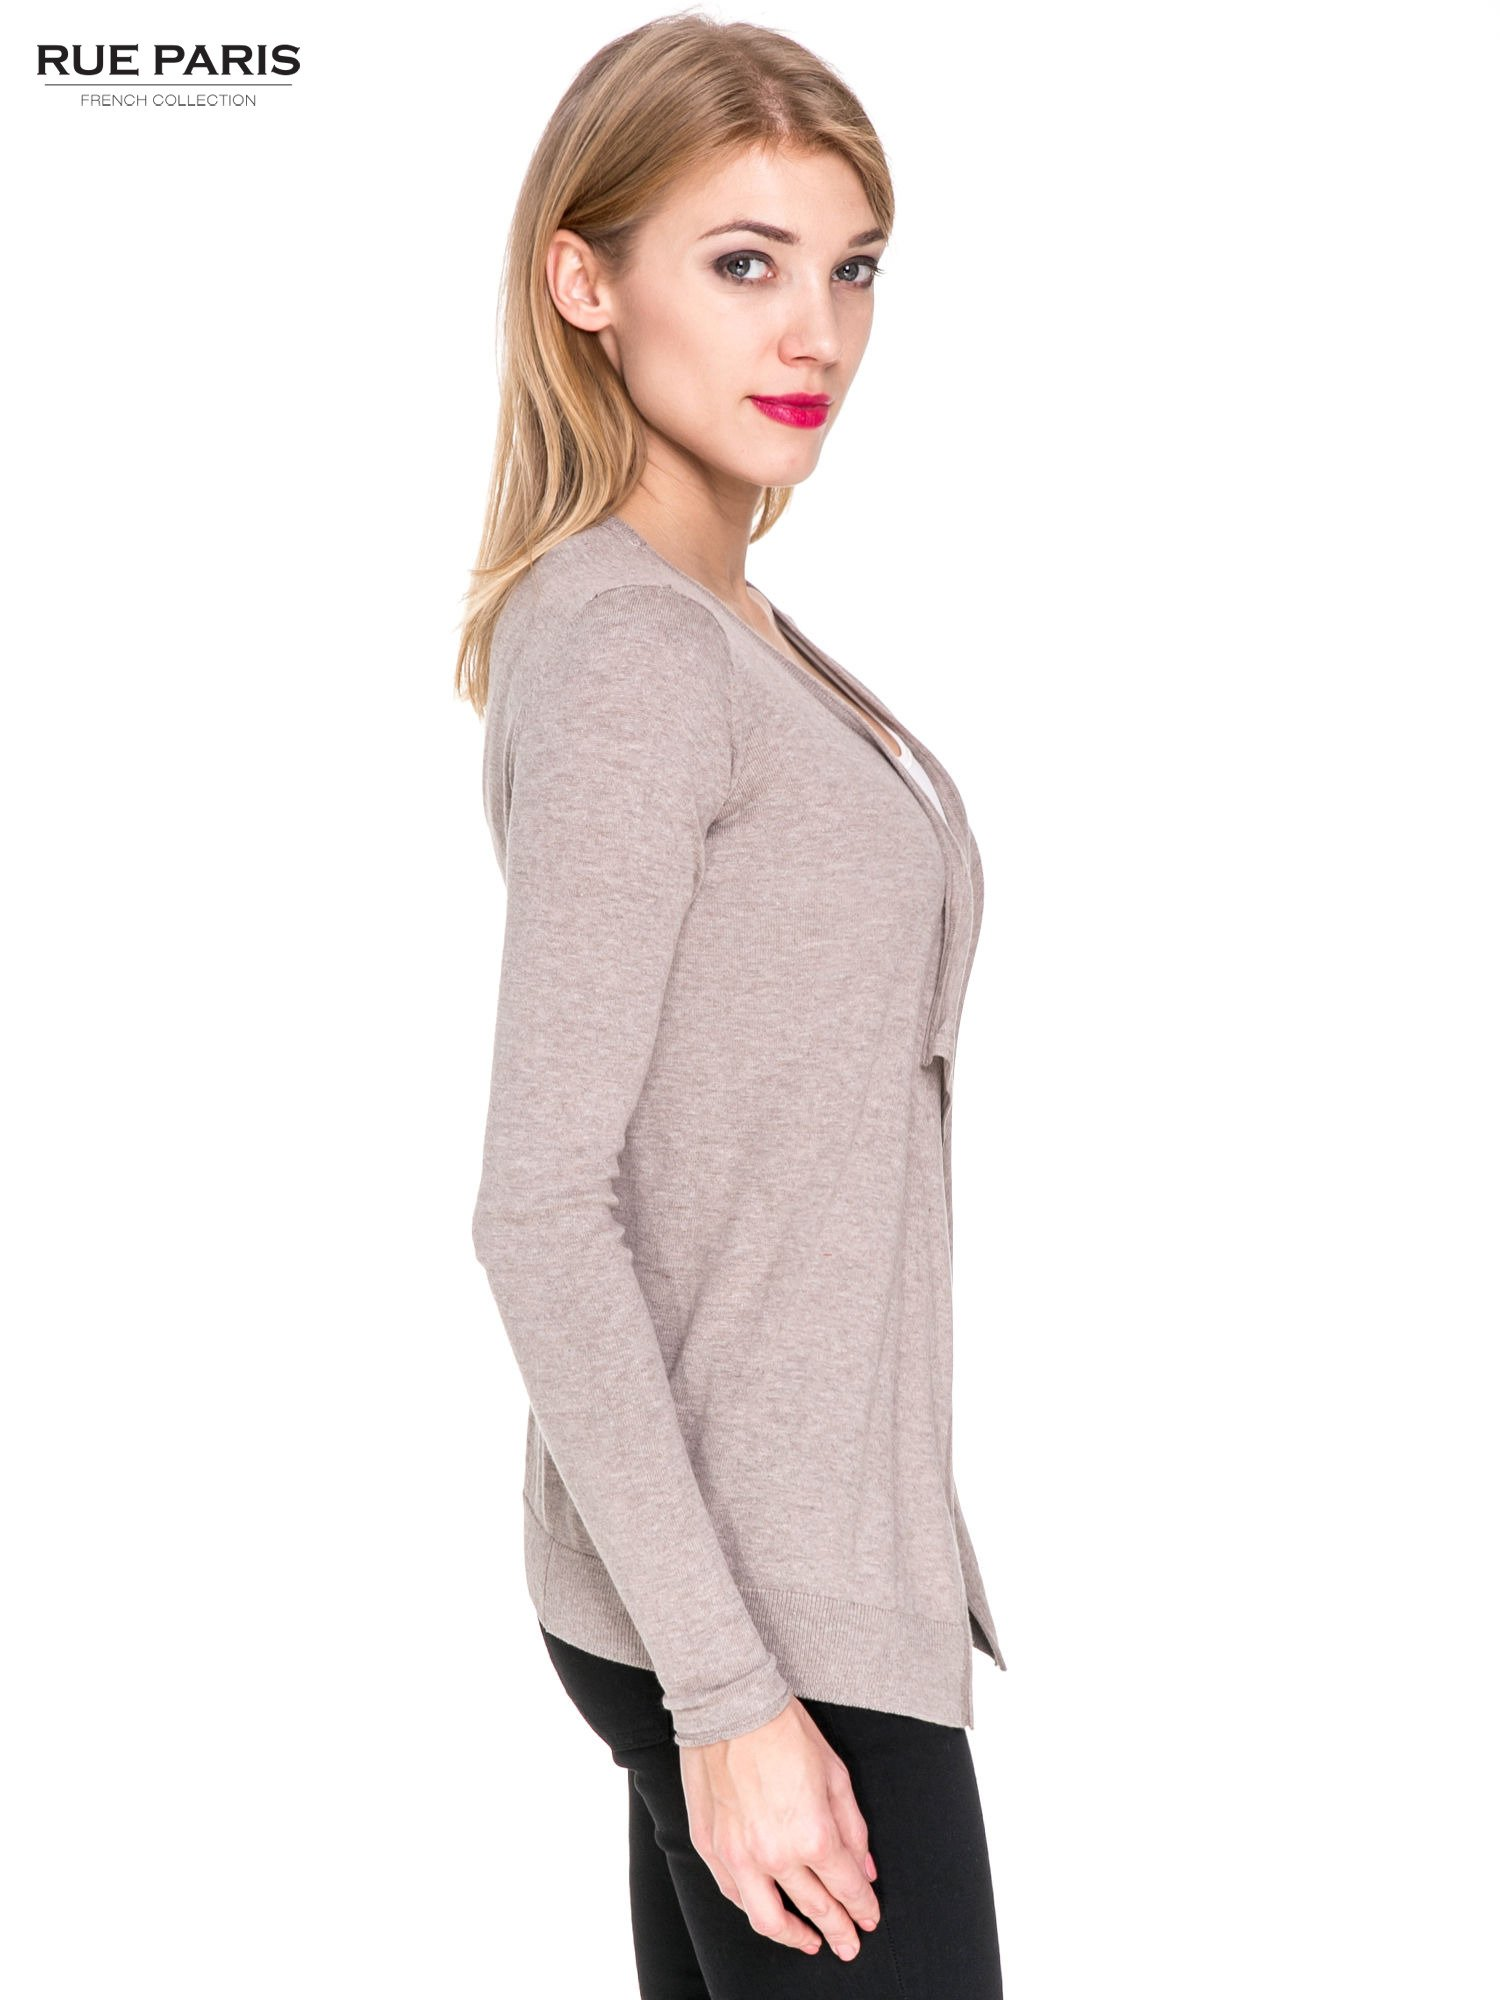 Jasnobrązowy sweterek kardigan o kaskadowym fasonie                                  zdj.                                  3